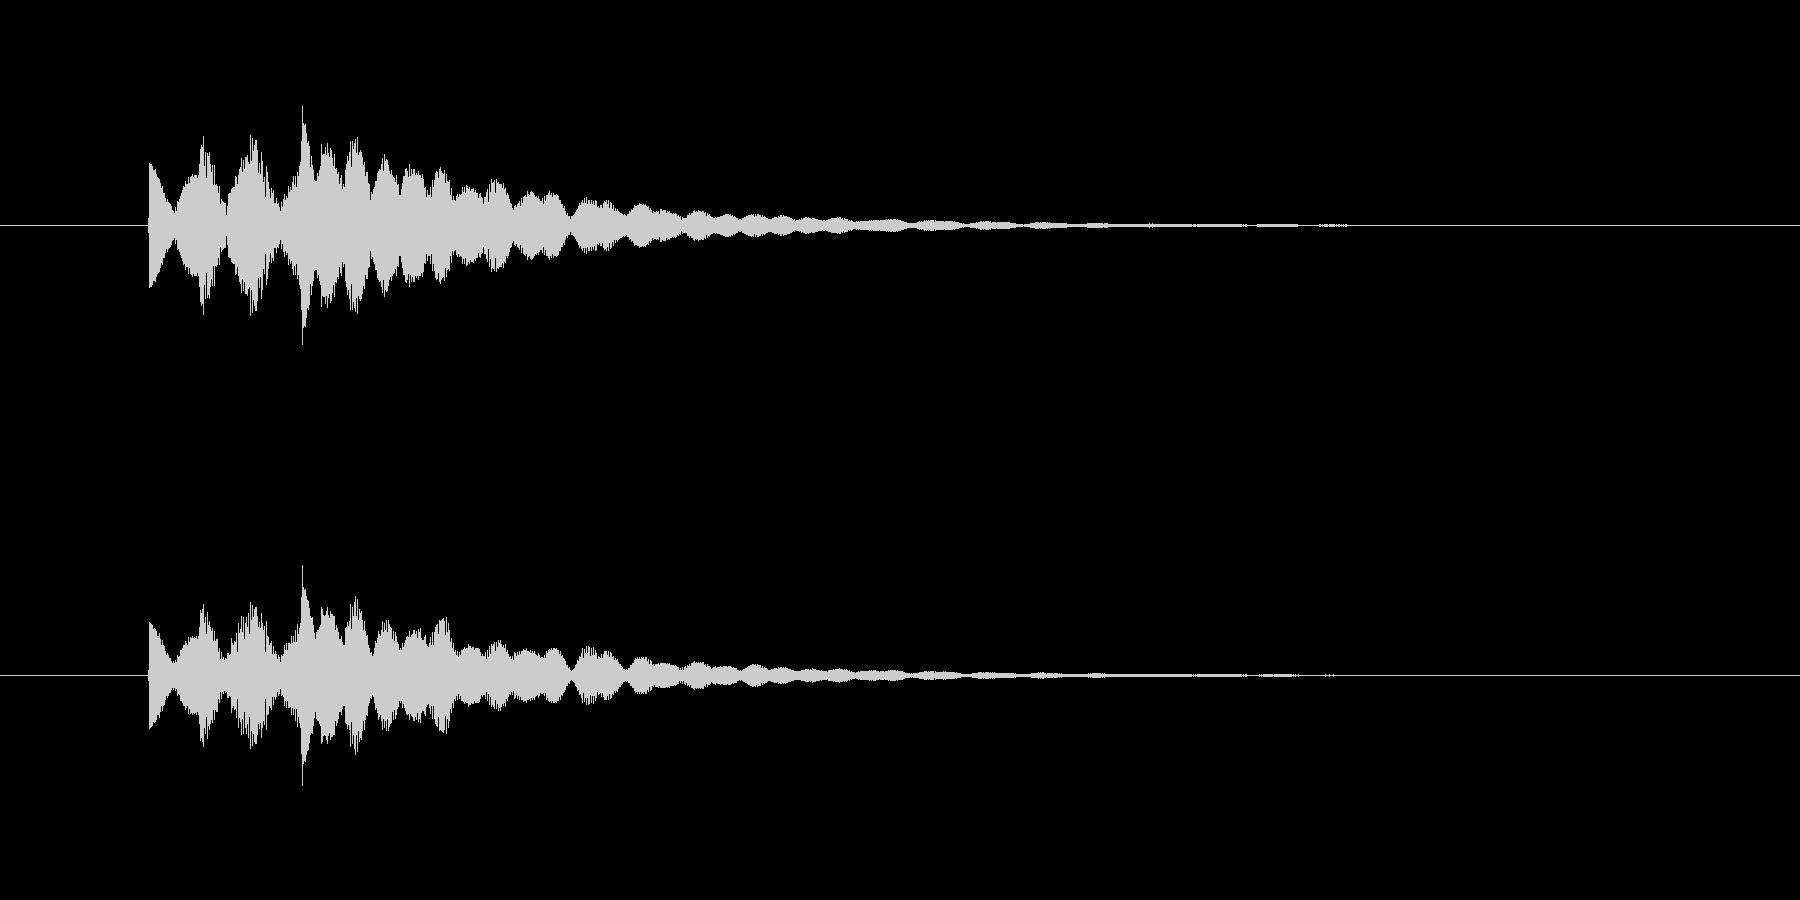 ピポピロン!優しいシンセのジングル。の未再生の波形